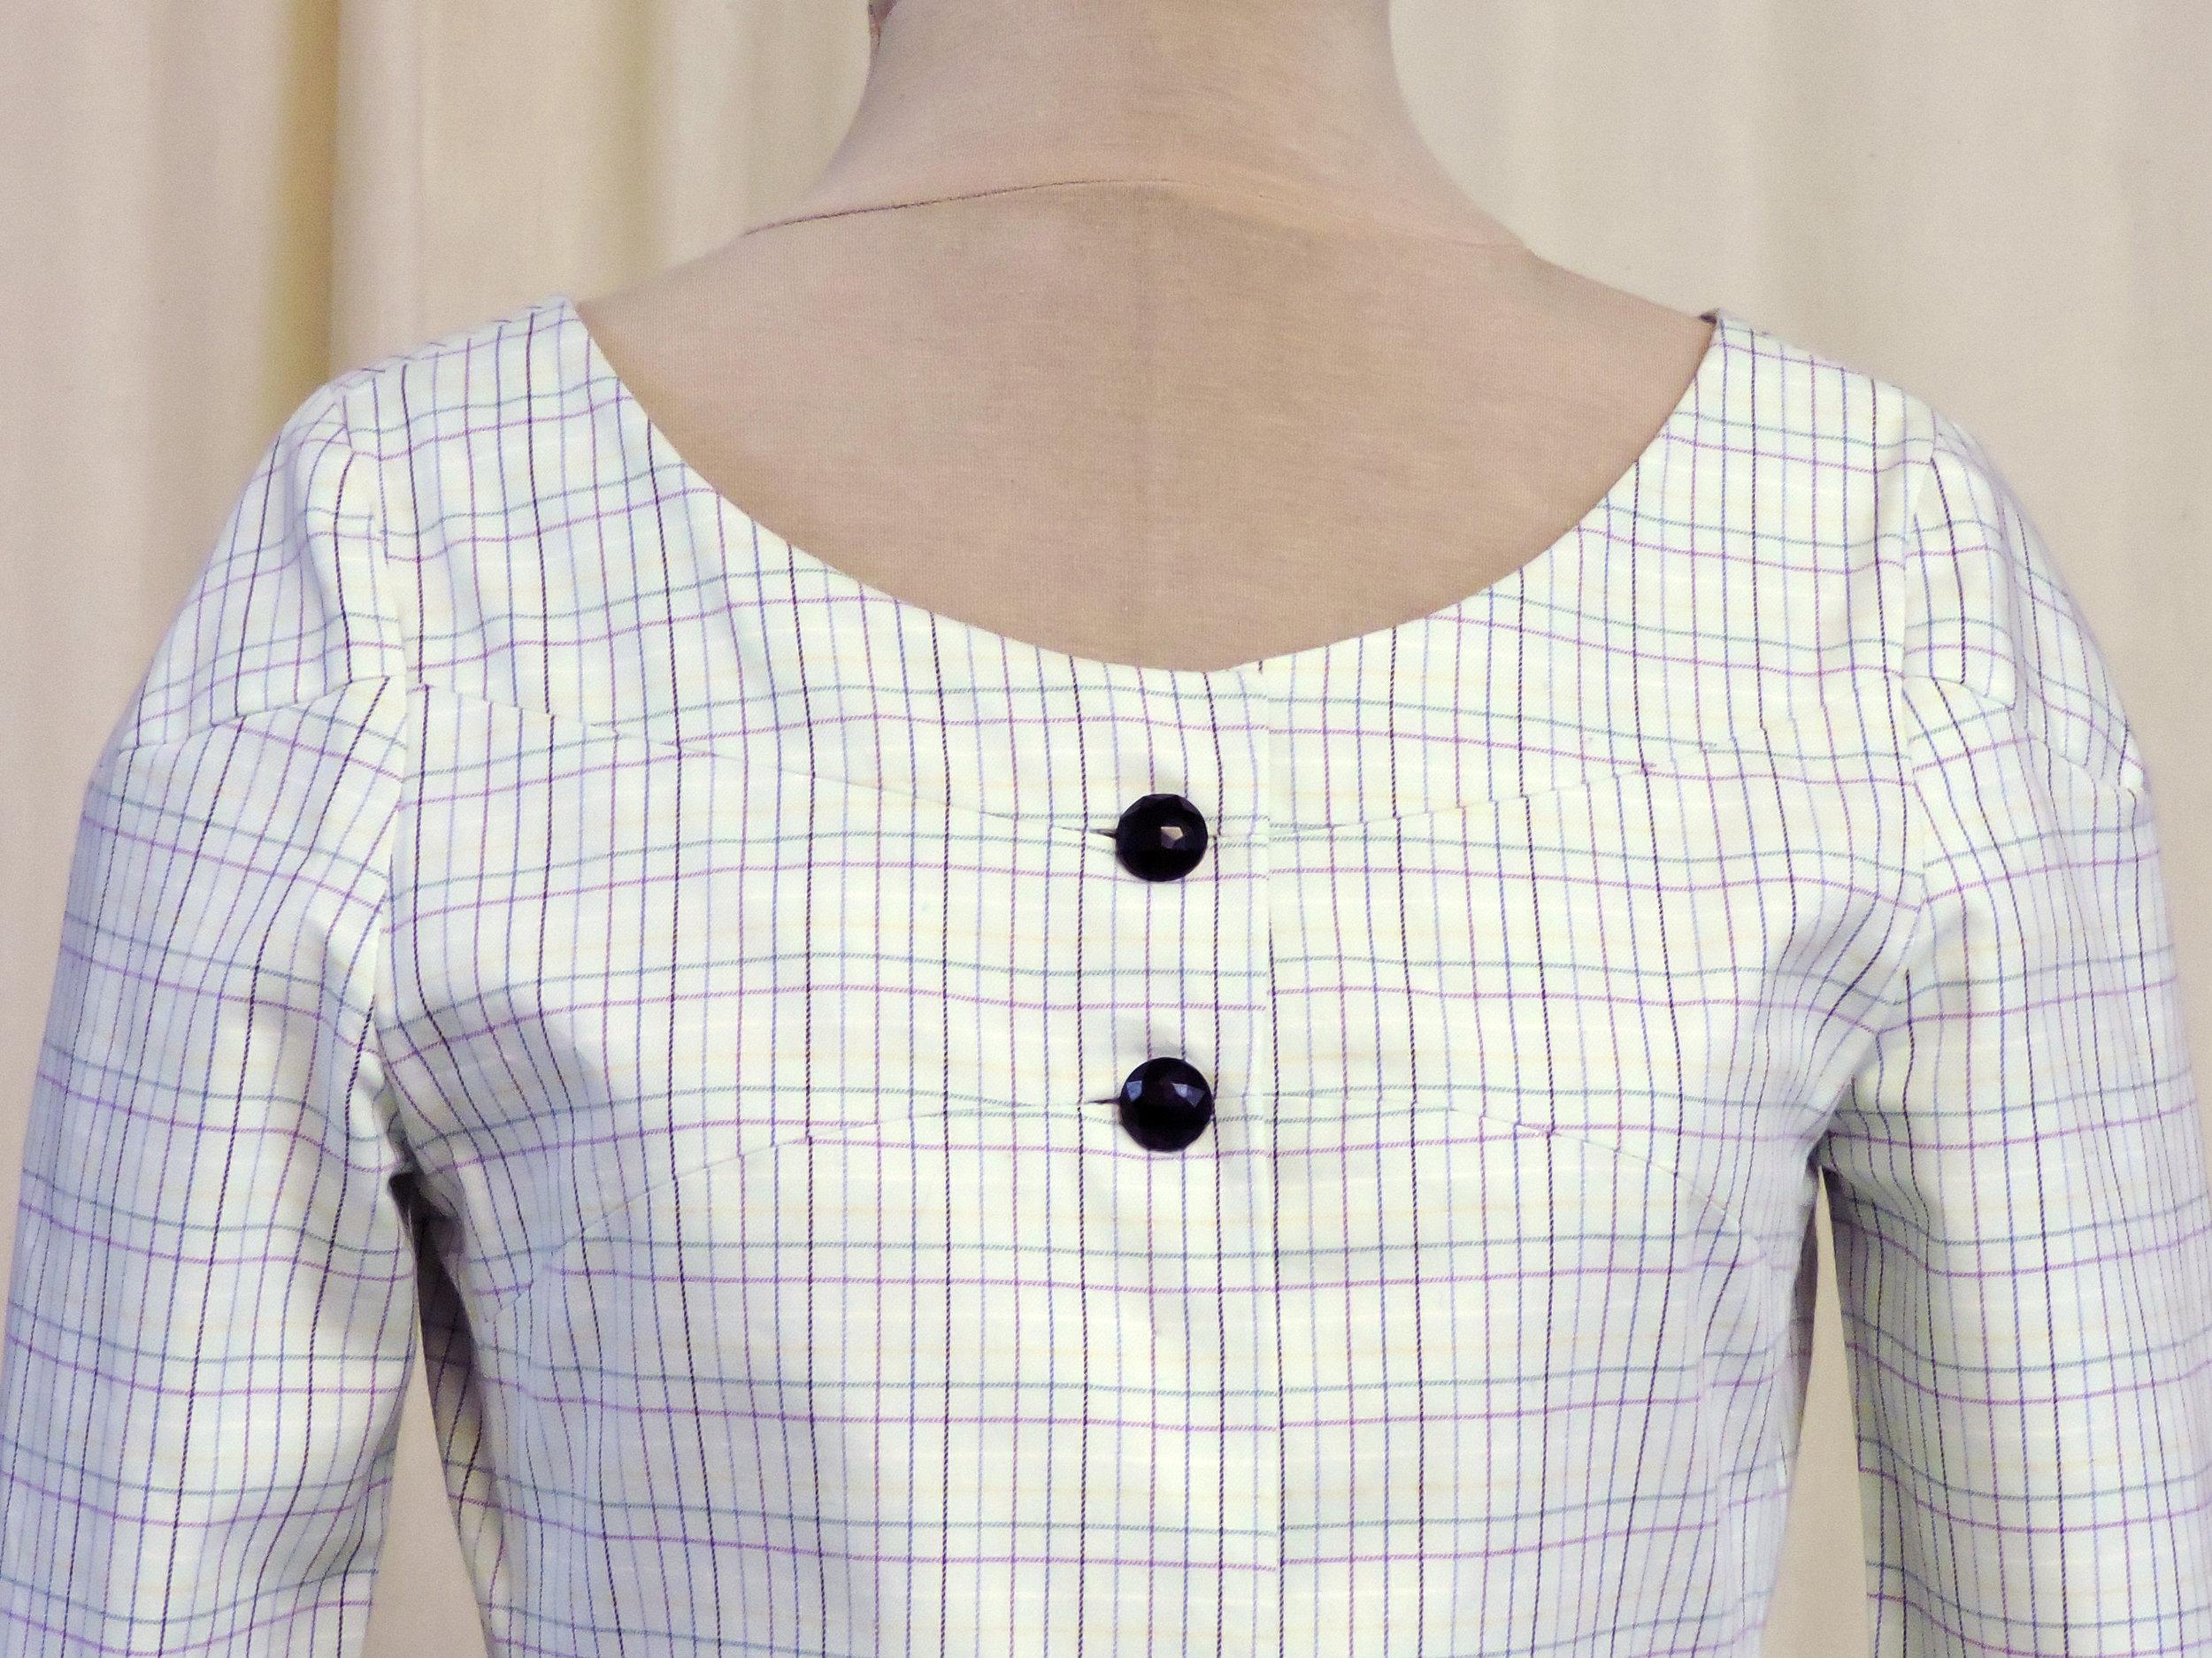 blouse23-3.jpg